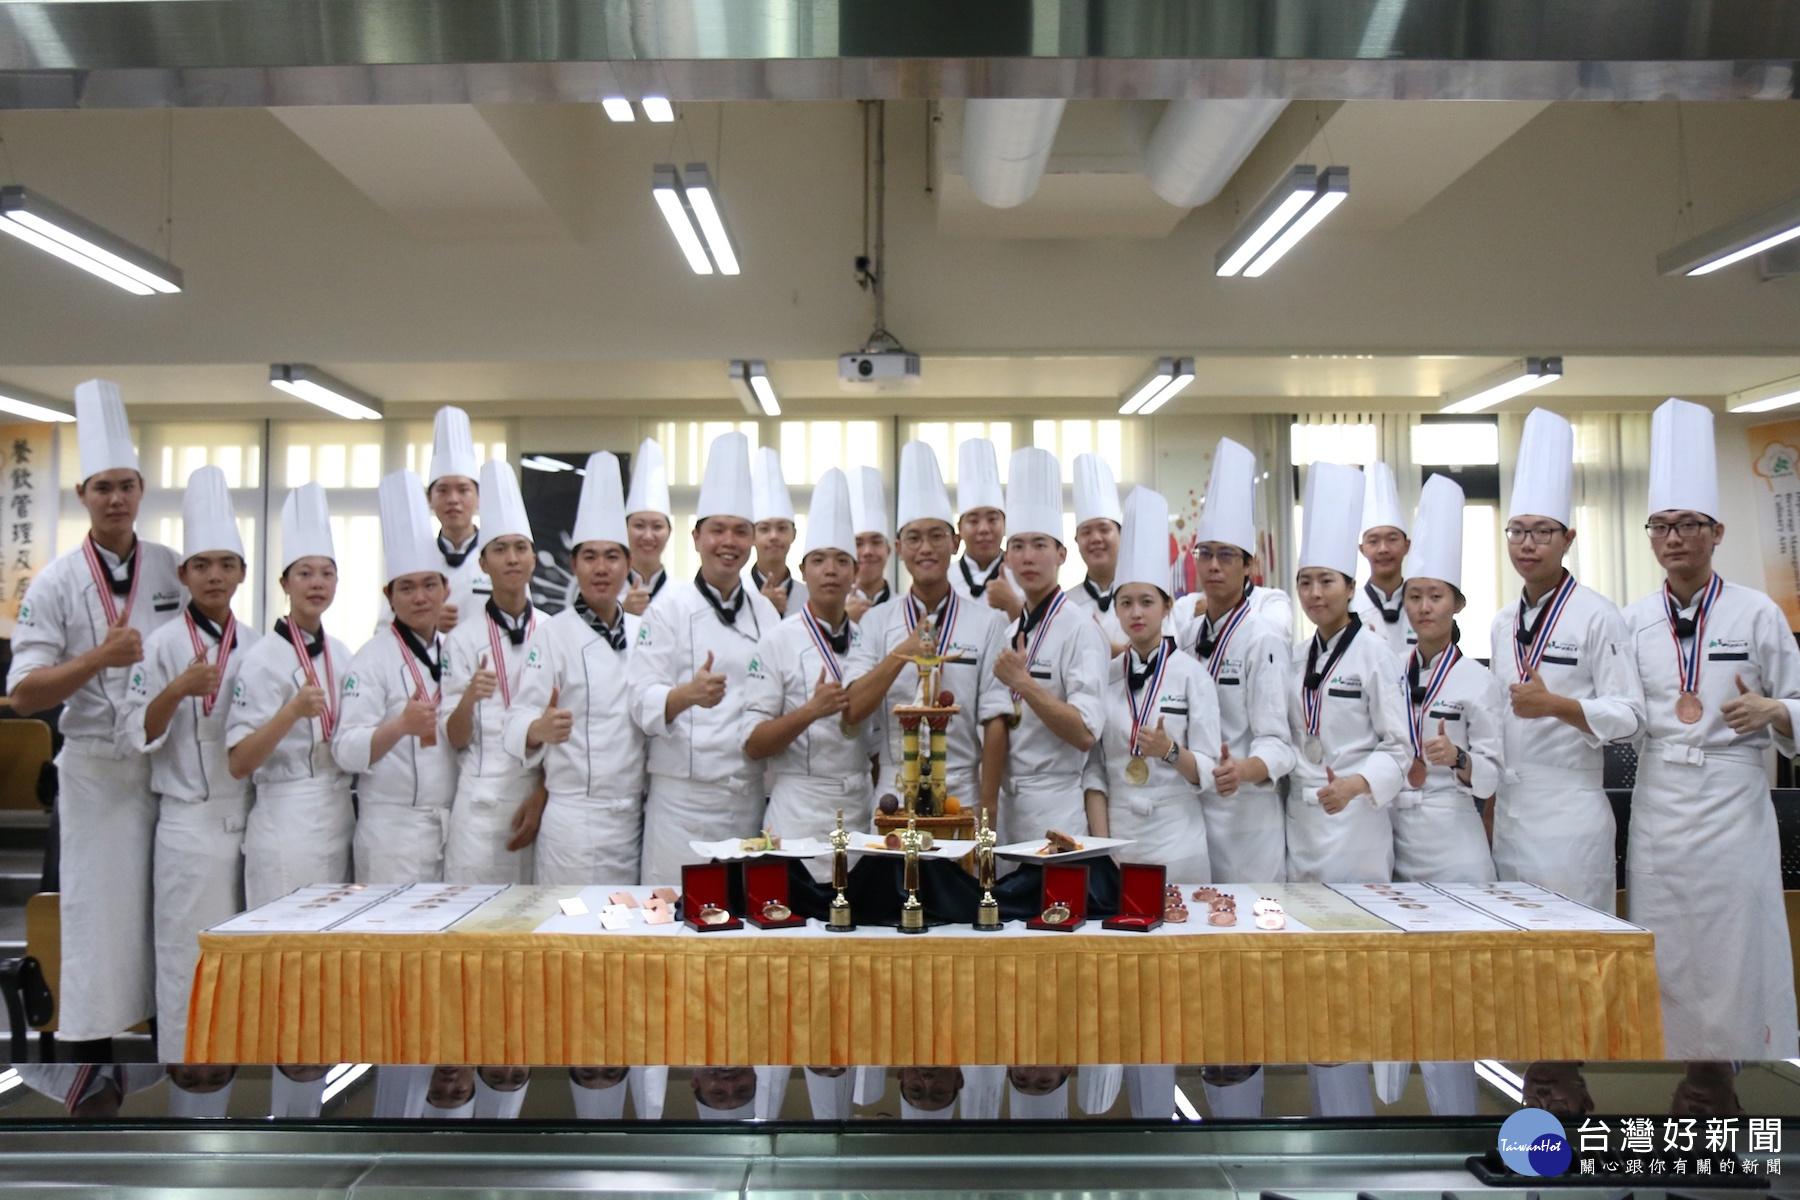 金厲害 崑山科大餐飲系泰國廚藝競賽奪7金2銀13銅